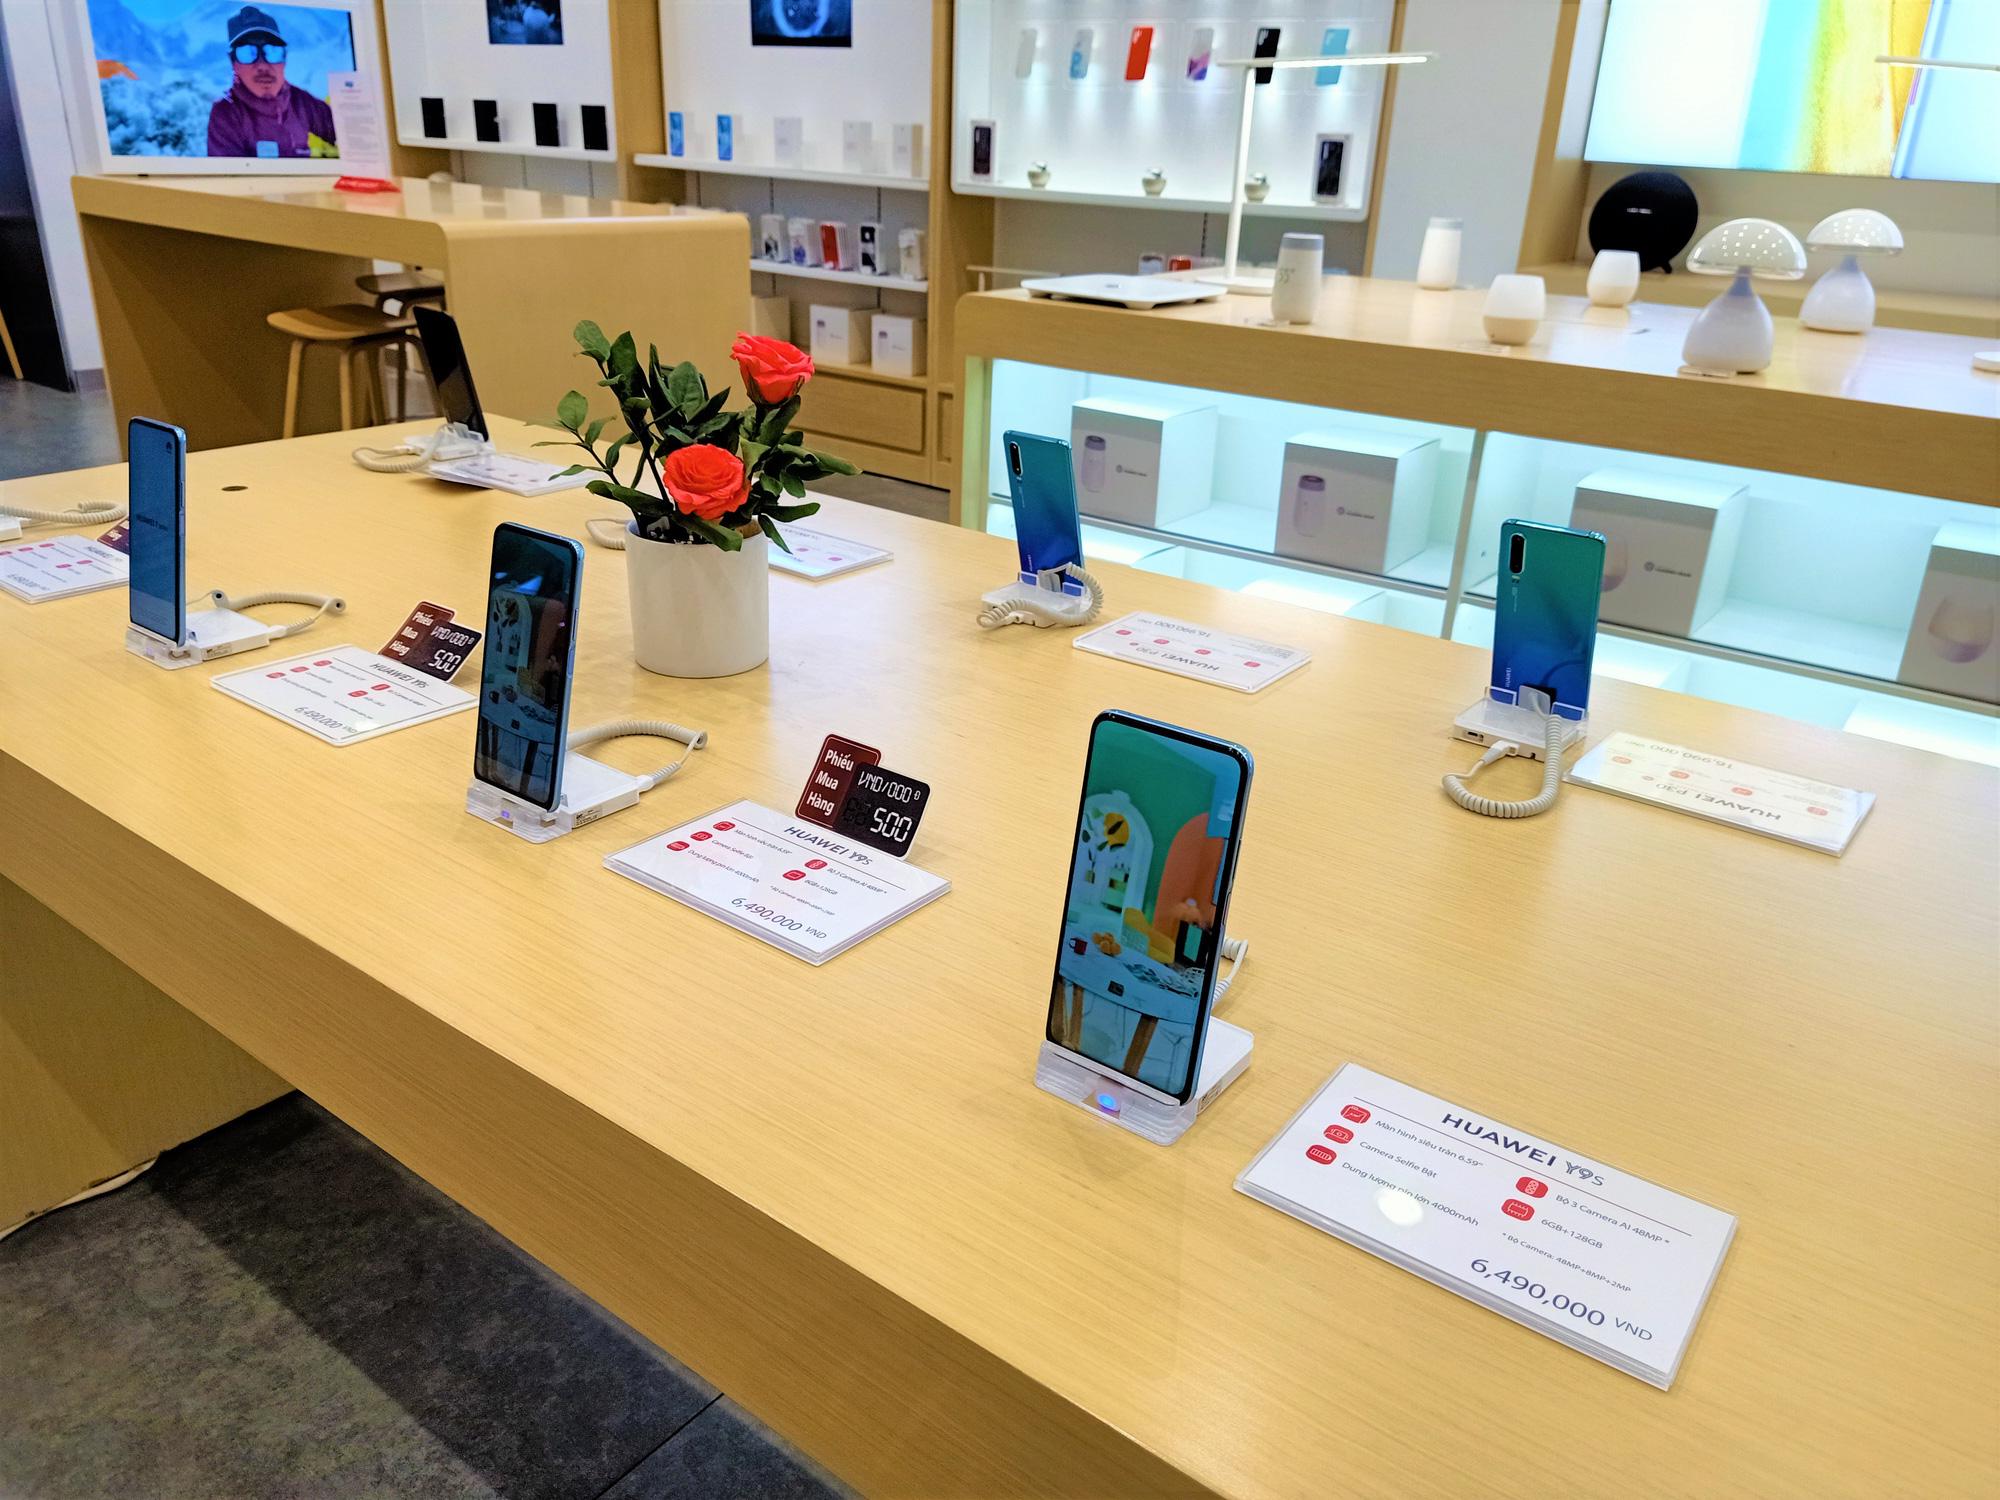 Điện thoại giảm giá tuần này: iPhone xách tay có giá mềm hơn - Ảnh 3.